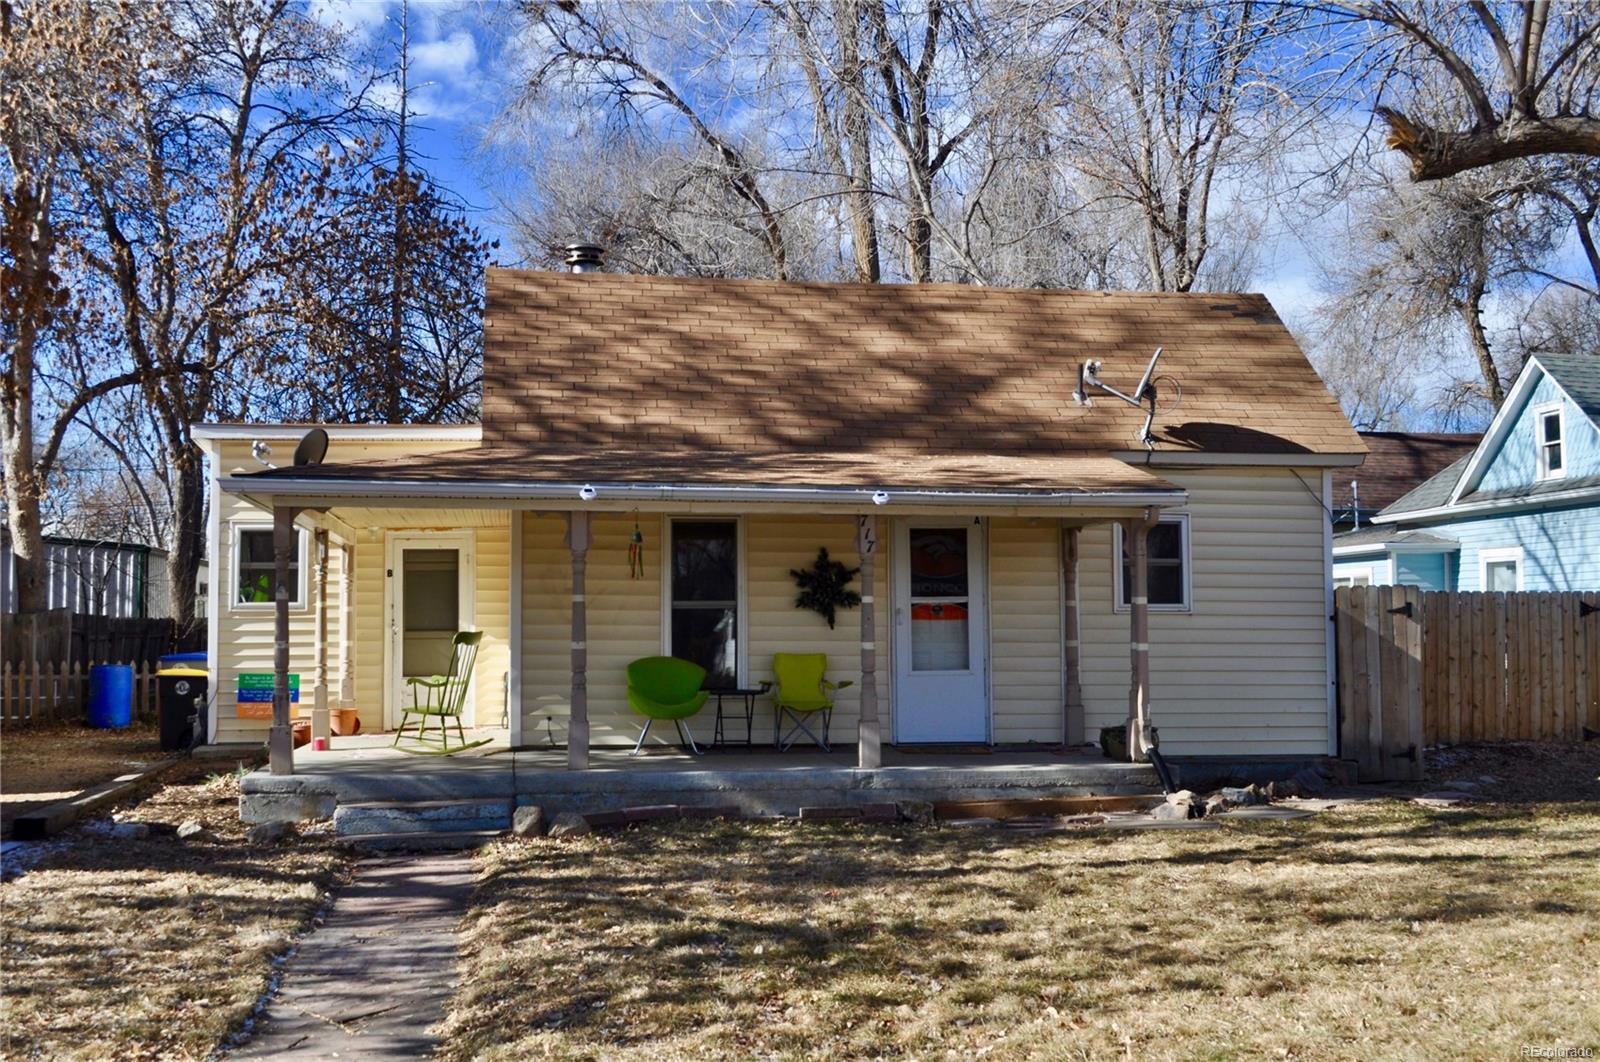 717 Baker Street, Longmont, CO 80501 - Longmont, CO real estate listing